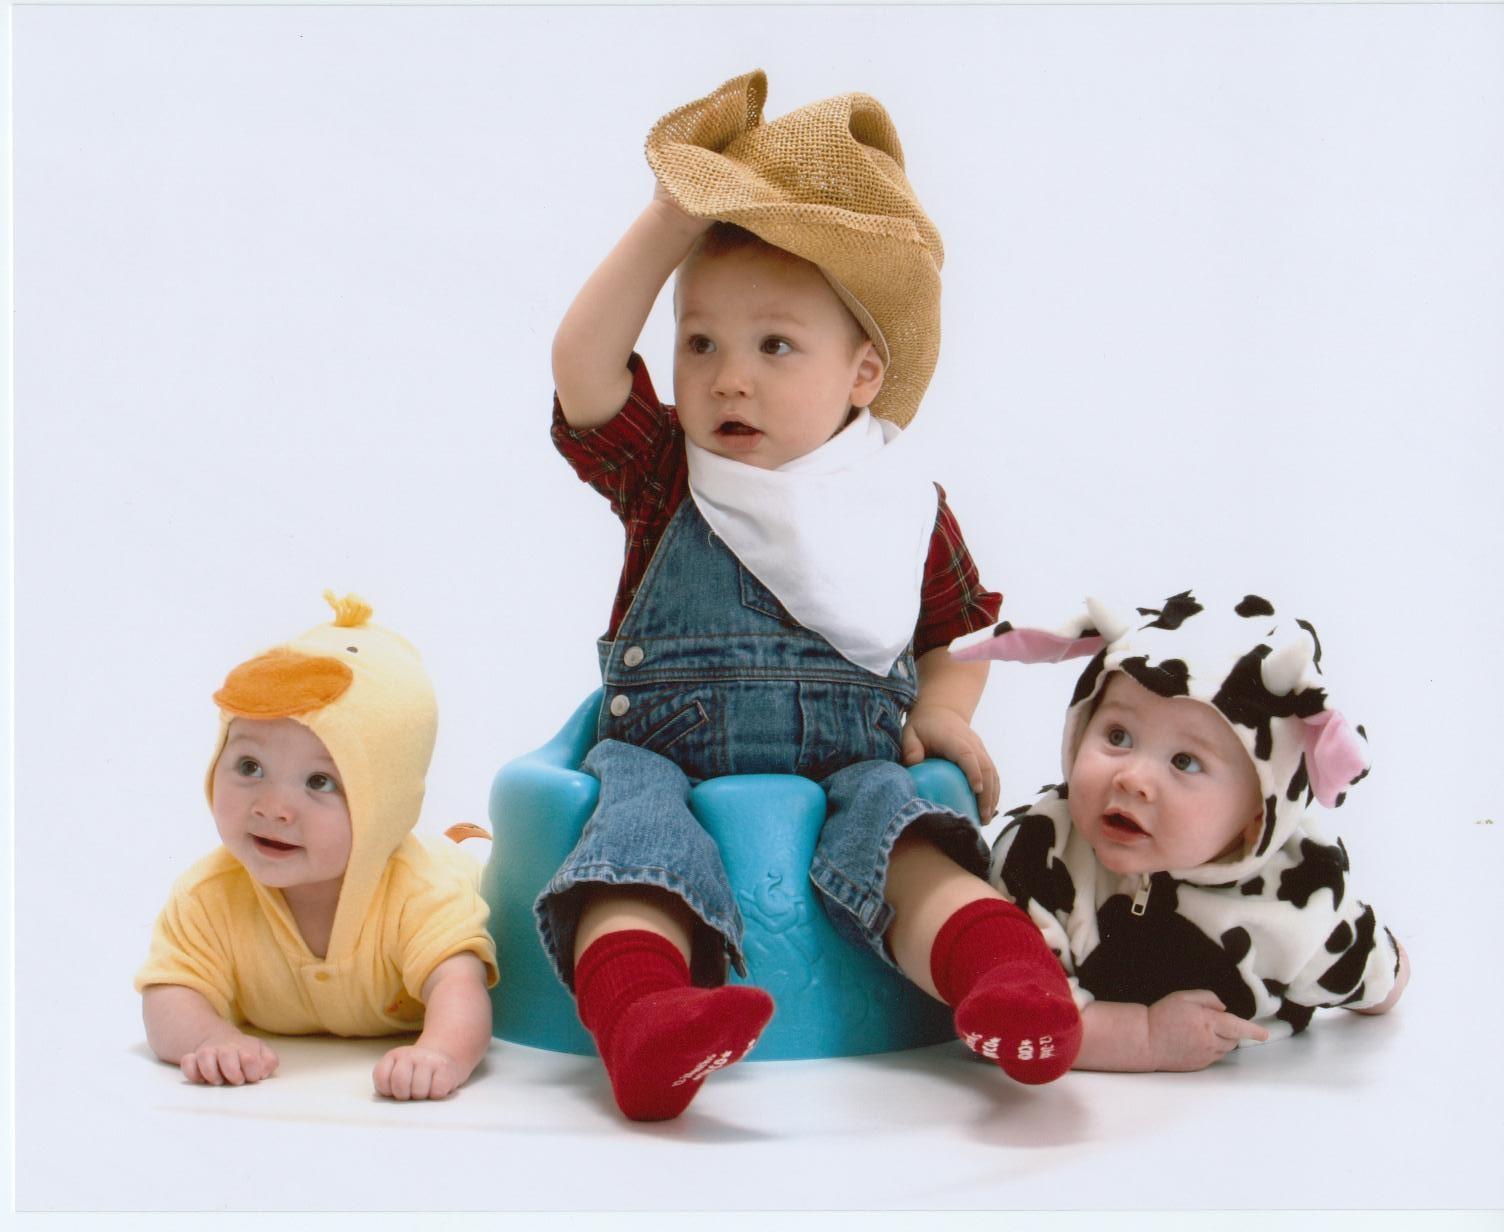 Vestito Carnevale Bambini Fai Da Te ~ Costumi di carnevale fai da te per  bambini piccoli 961942f8375